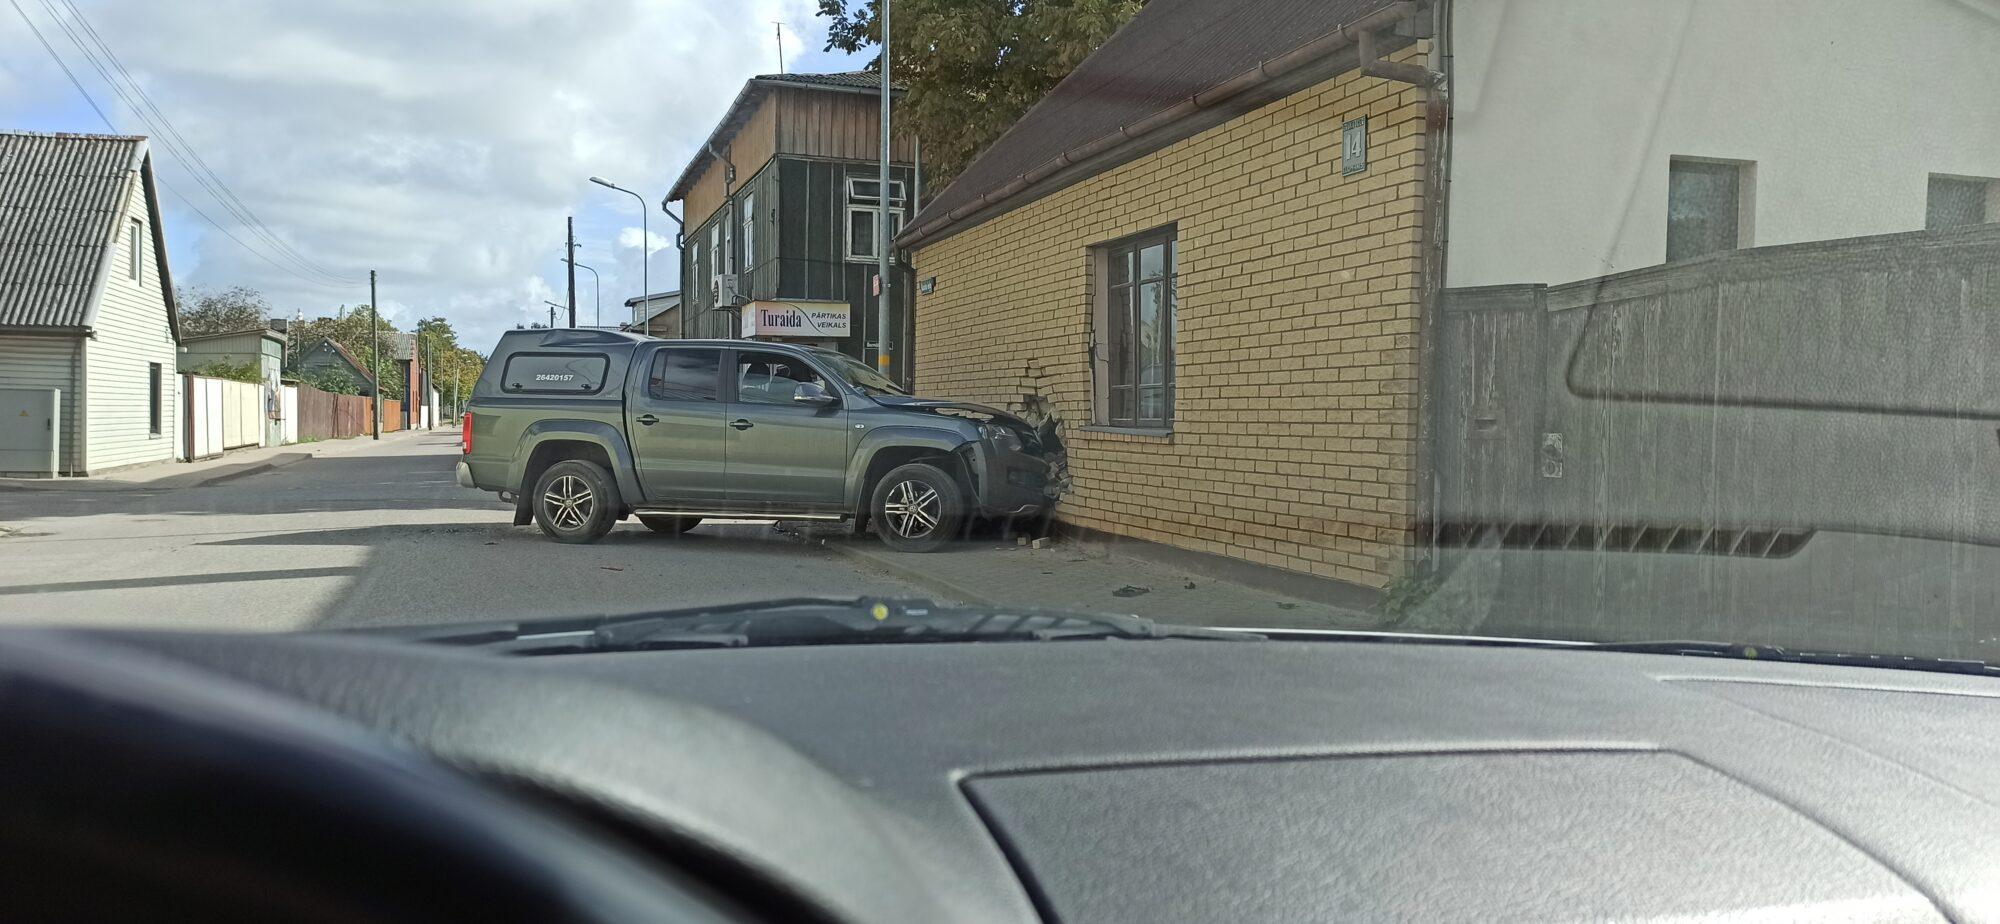 Satiksmes negadījumā Lauku un Bernātu ielas krustojumā cieš 7 cilvēki